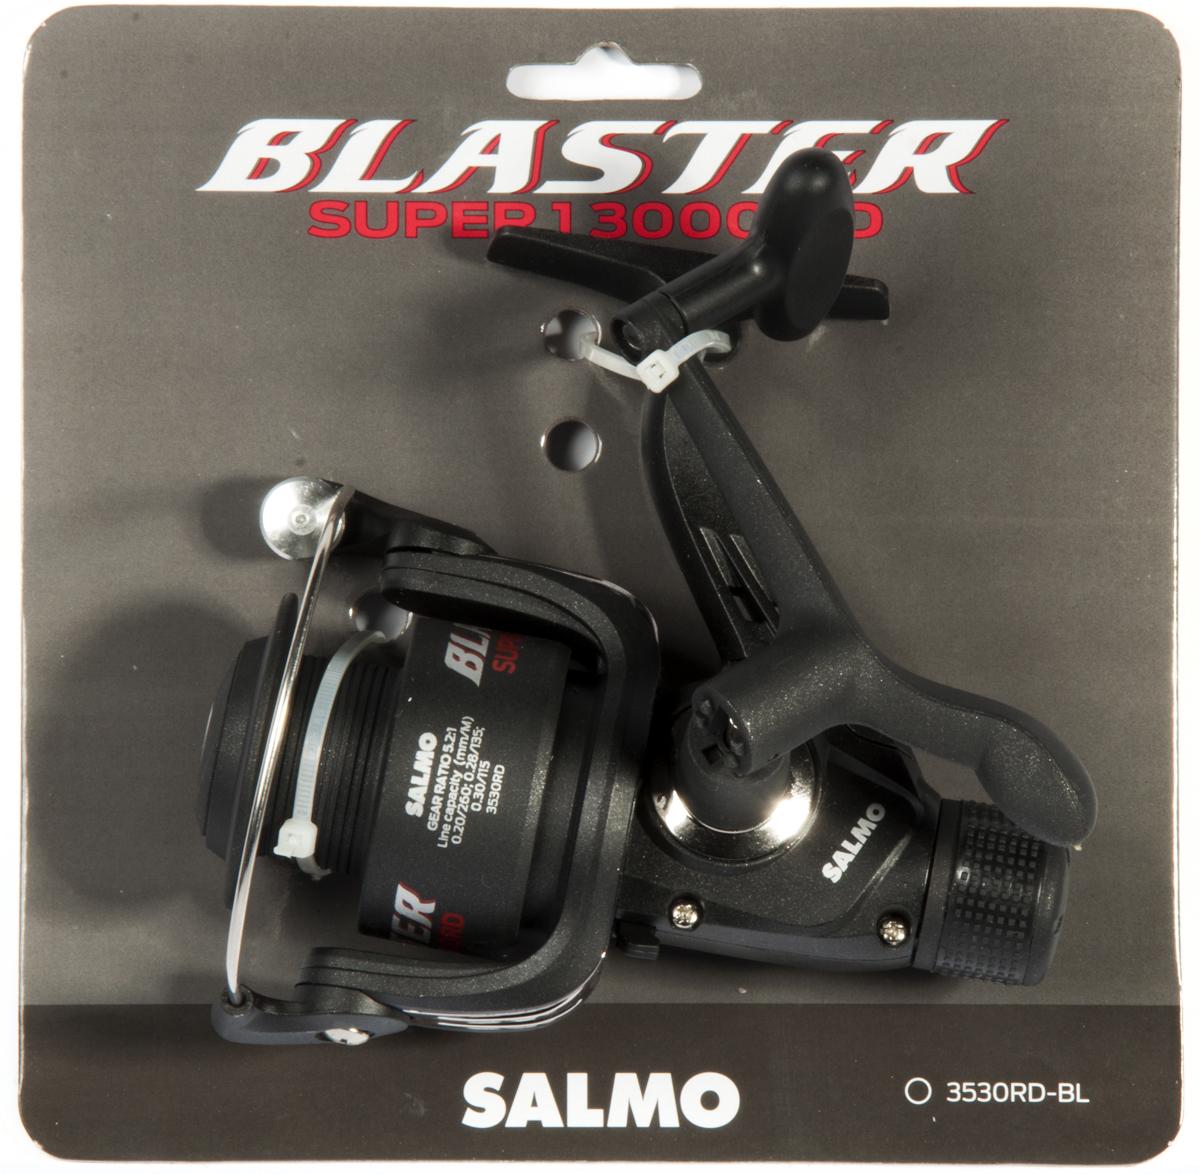 Катушка безынерционная Salmo Blaster SUPER 1 30RD3530RD-BLSalmo Blaster SUPER 1 30RD - бюджетная катушка предназначена, в первую очередь, для начинающих рыболовов. Эта катушка может с успехом использоваться у опытных рыболовов как резервные катушки, так и для комплектации поплавочных удилищ и донных снастей. Особенности: - фрикционный передний FD тормоз, - 1 шариковый подшипник,- нижний флажковый включатель антиреверса,- корпус карбопластовый,- пластиковая шпуля (графитовая),- рукоятка с винтовым типом фиксации и с возможностью право/левосторонней установки,- картонная подложка (для магазинов самообслуживания).